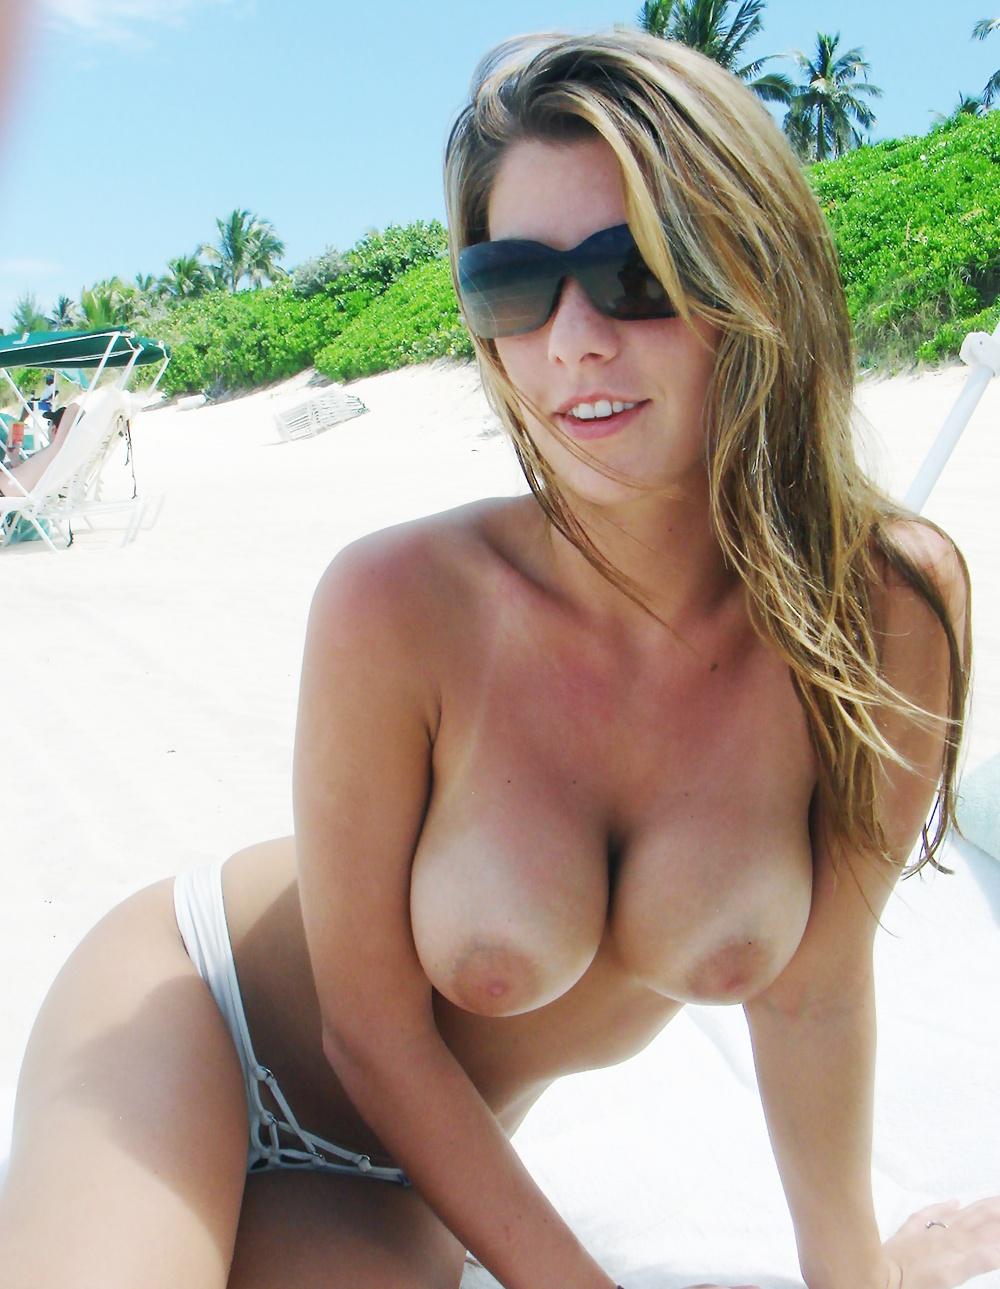 【日焼けエロ画像】真っ白巨乳がとっても卑猥な海外美女たちの日焼けバスト!(゚A゚;)